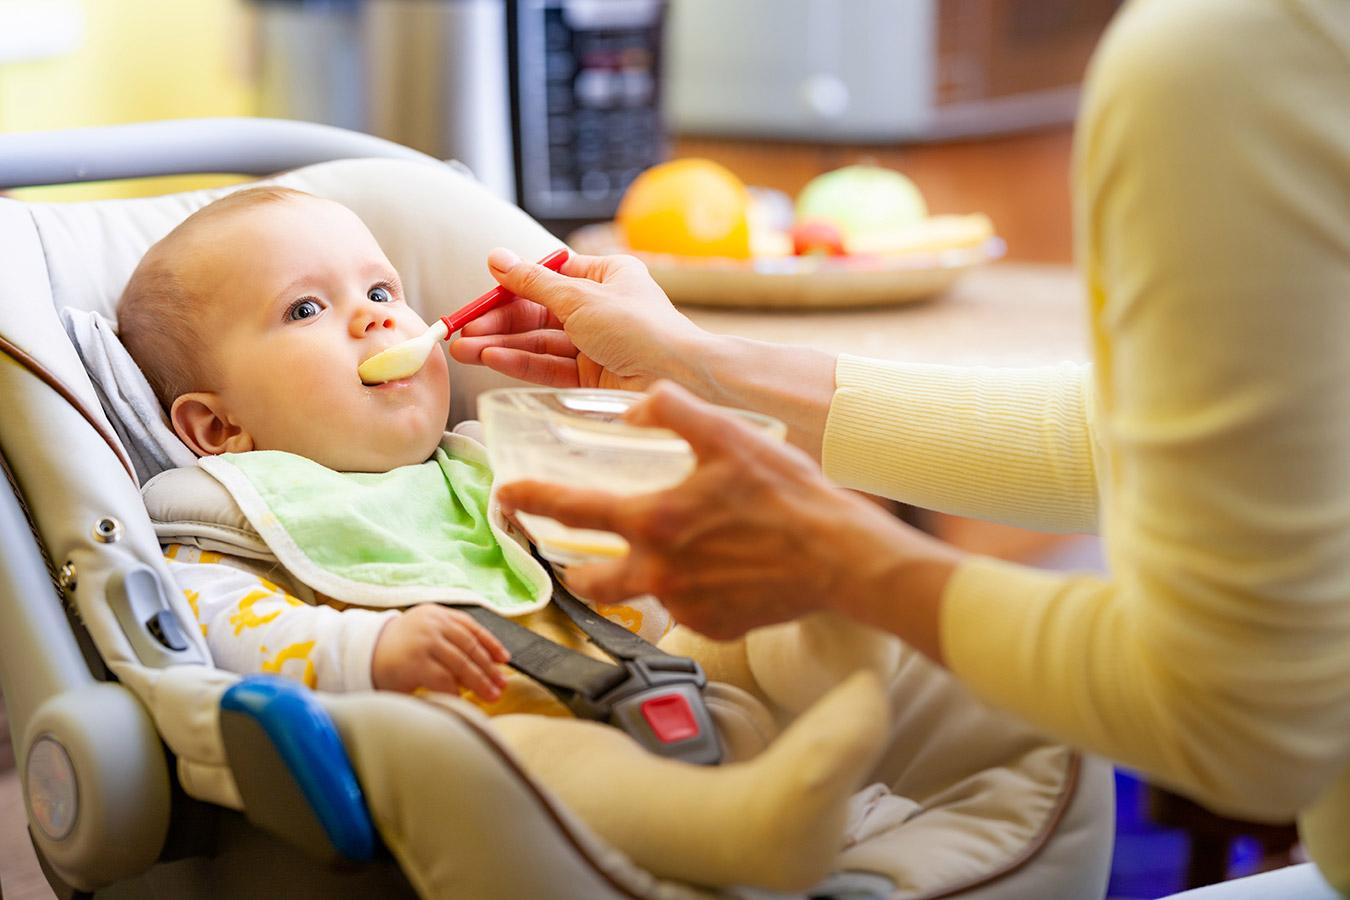 24 tygodniowe dziecko – Jak wygląda 24 tydzień życia dziecka?